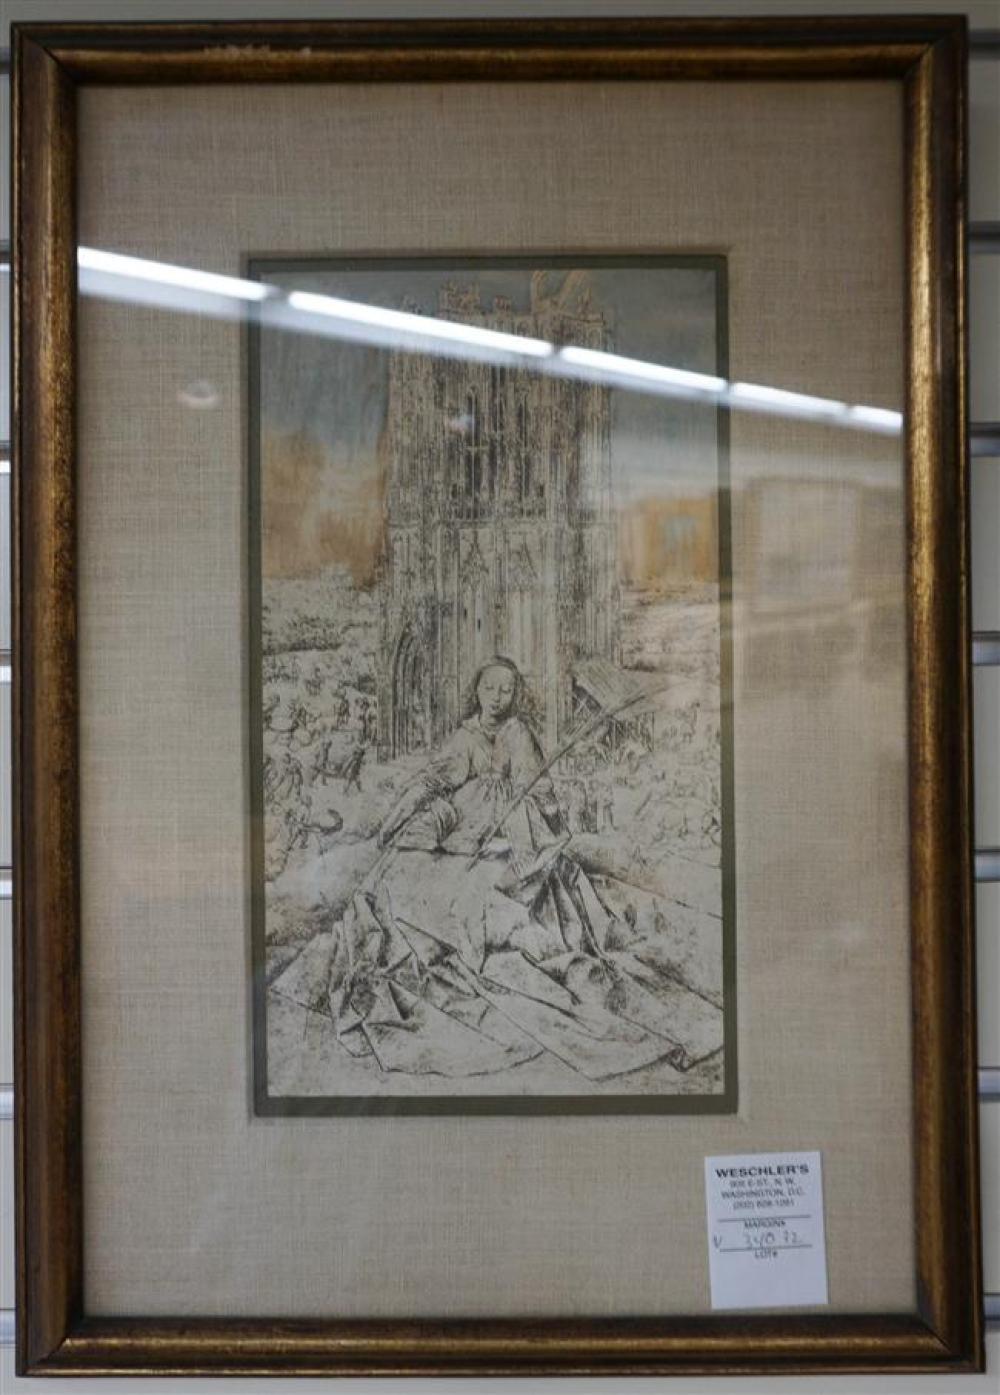 After Jan van Eyck, St. Barbara, Print Frame: 18-1/4 x 12-3/4 in